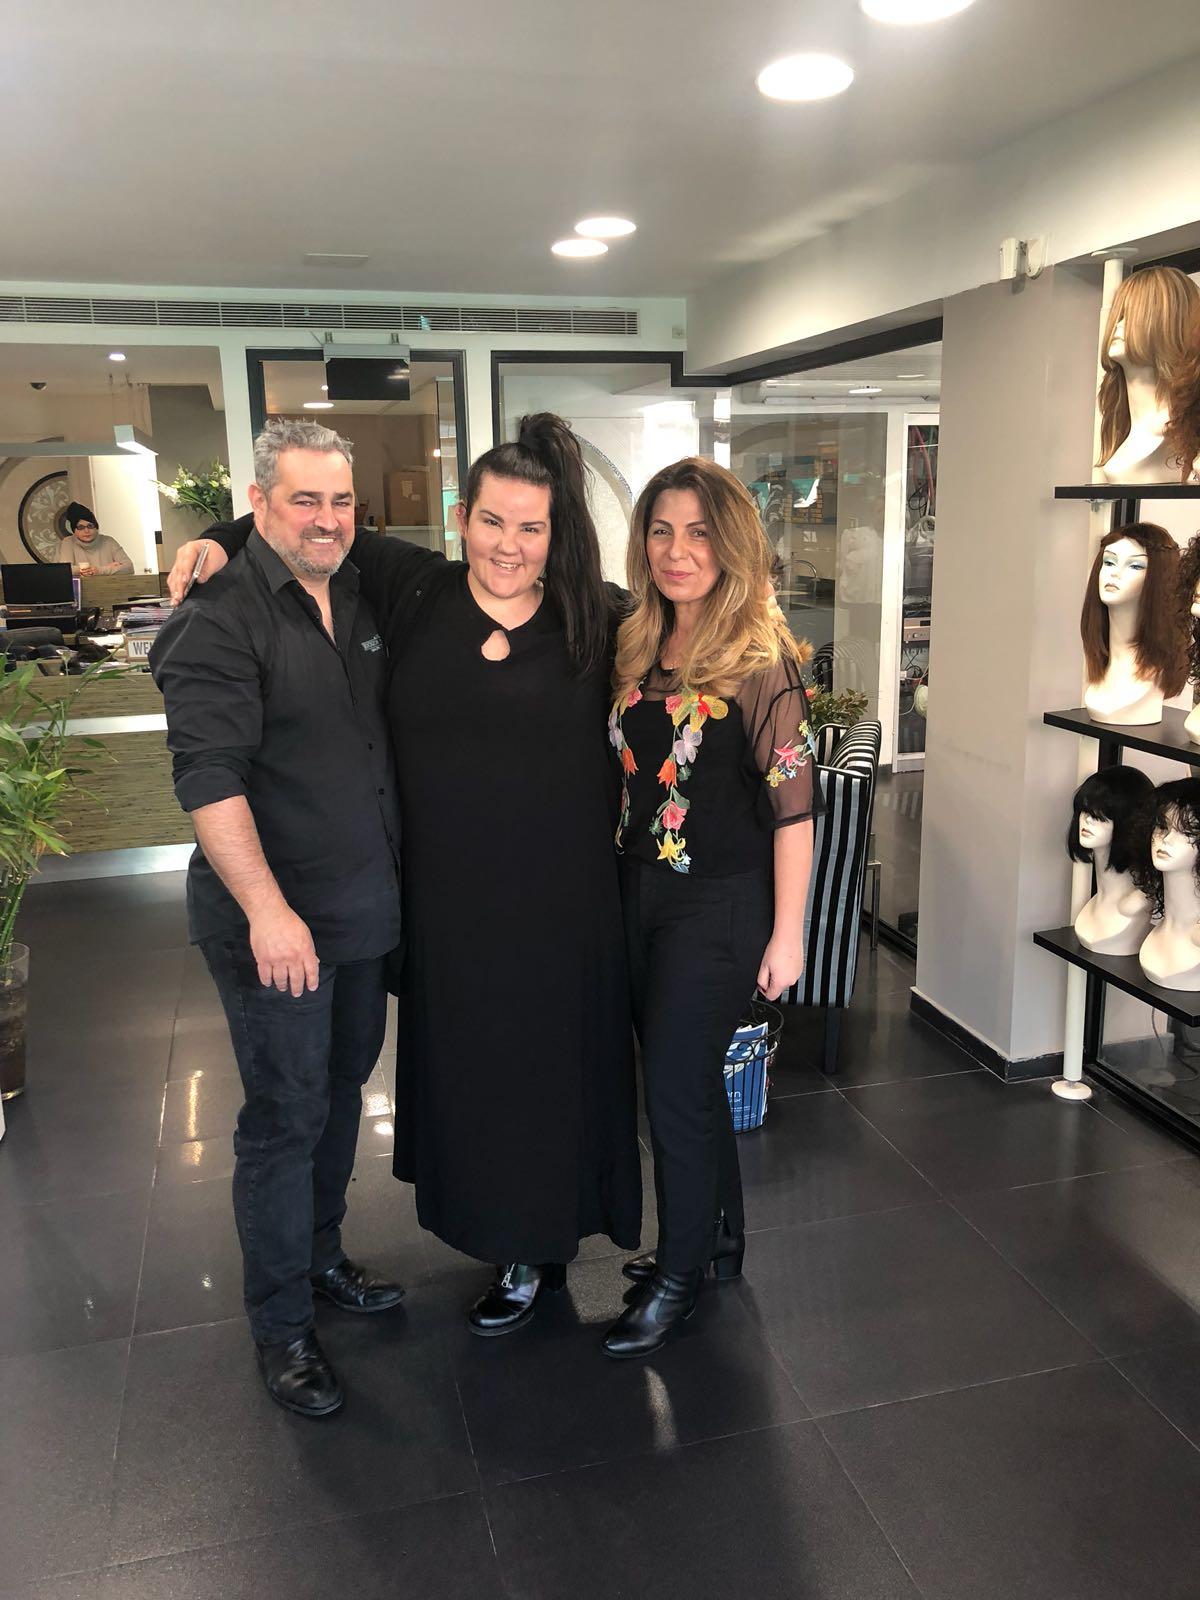 נטע ברזילי בוחרת פאות ותוספות בדורון פסקינו פתרונות שיער ברמת גן, יחצ (2)